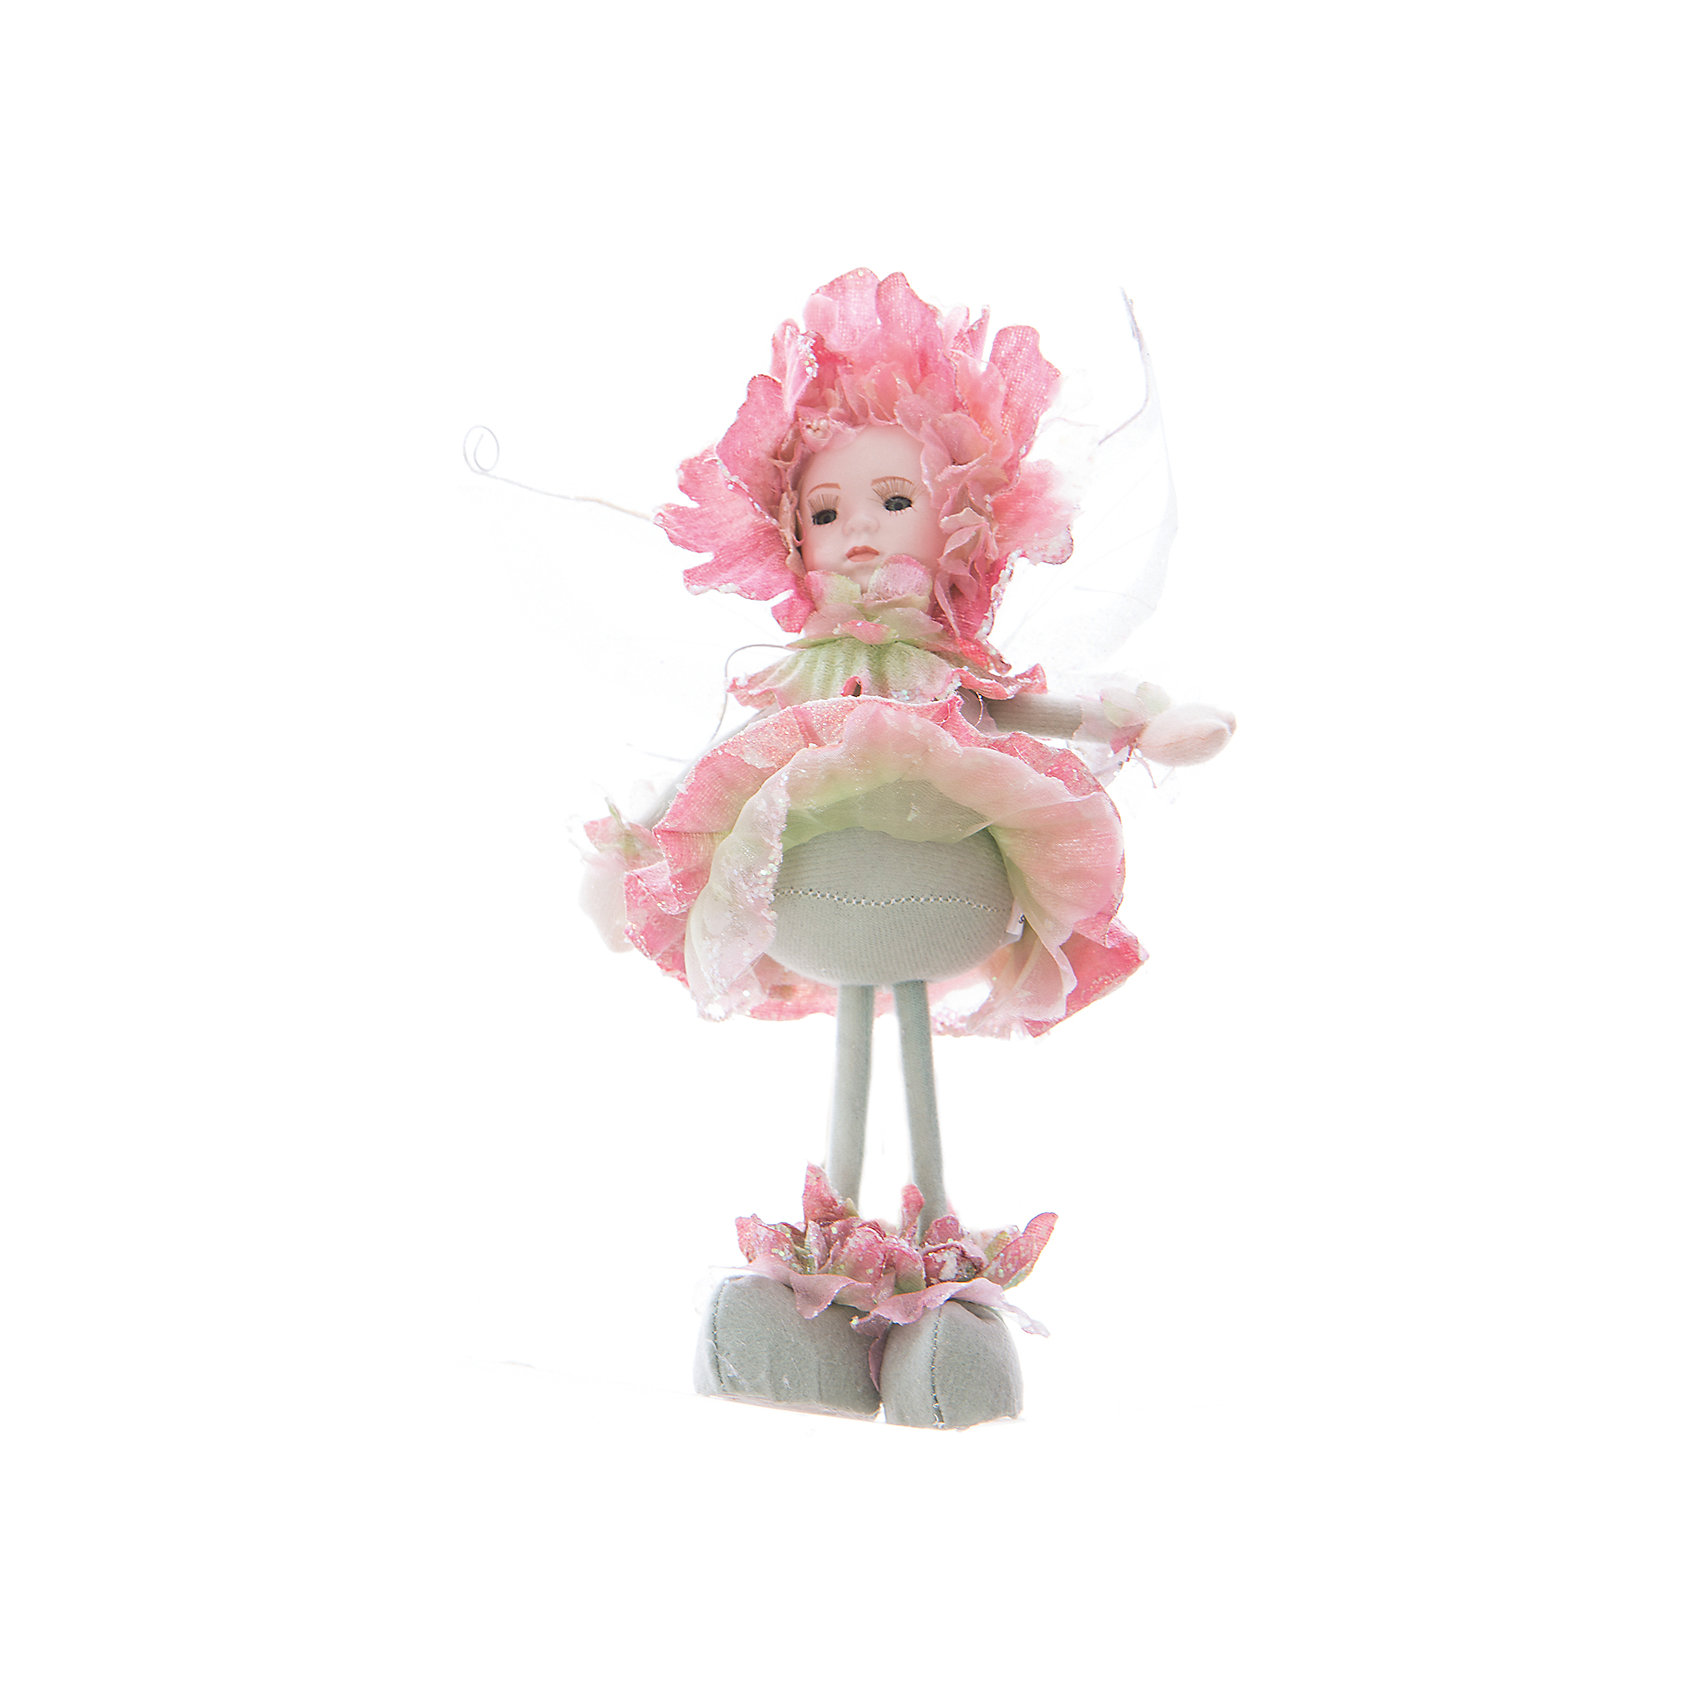 Интерьерная кукла Фея C21-128282, EstroПредметы интерьера<br>Характеристики интерьерной куклы:<br><br>- размеры: 13*30*9 см. <br>- тип игрушки: фигурки <br>- персонаж: фея<br>- вид упаковки: коробка<br>- возрастные ограничения: 3+<br>- комплектация: игрушка <br>- состав: полиэстер, керамика<br>- материал изготовления: высококачественный пластик, полиэстер, ткань, фарфор<br>- стиль: классический, прованс<br>- бренд: Estro <br>- страна бренда: Италия<br>- страна производитель: Китай<br><br>Выбранная интерьерная кукла фея в светло-зеленых и розовых тонах будет приятным приобретением или презентом семье на новогодние праздники или в канун Рождества. Фея с легкостью дополнит любую обстановку, ее дизайн основательно выверен. Все элементы тщательно подогнаны и удачно совмещаются друг с другом. Изделие произведено из материалов отличного качества приятных цветов. <br><br>Интерьерную куклу фея итальянской торговой марки Estro можно купить в нашем интернет-магазине.<br><br>Ширина мм: 100<br>Глубина мм: 150<br>Высота мм: 300<br>Вес г: 213<br>Возраст от месяцев: 36<br>Возраст до месяцев: 1188<br>Пол: Женский<br>Возраст: Детский<br>SKU: 5356625